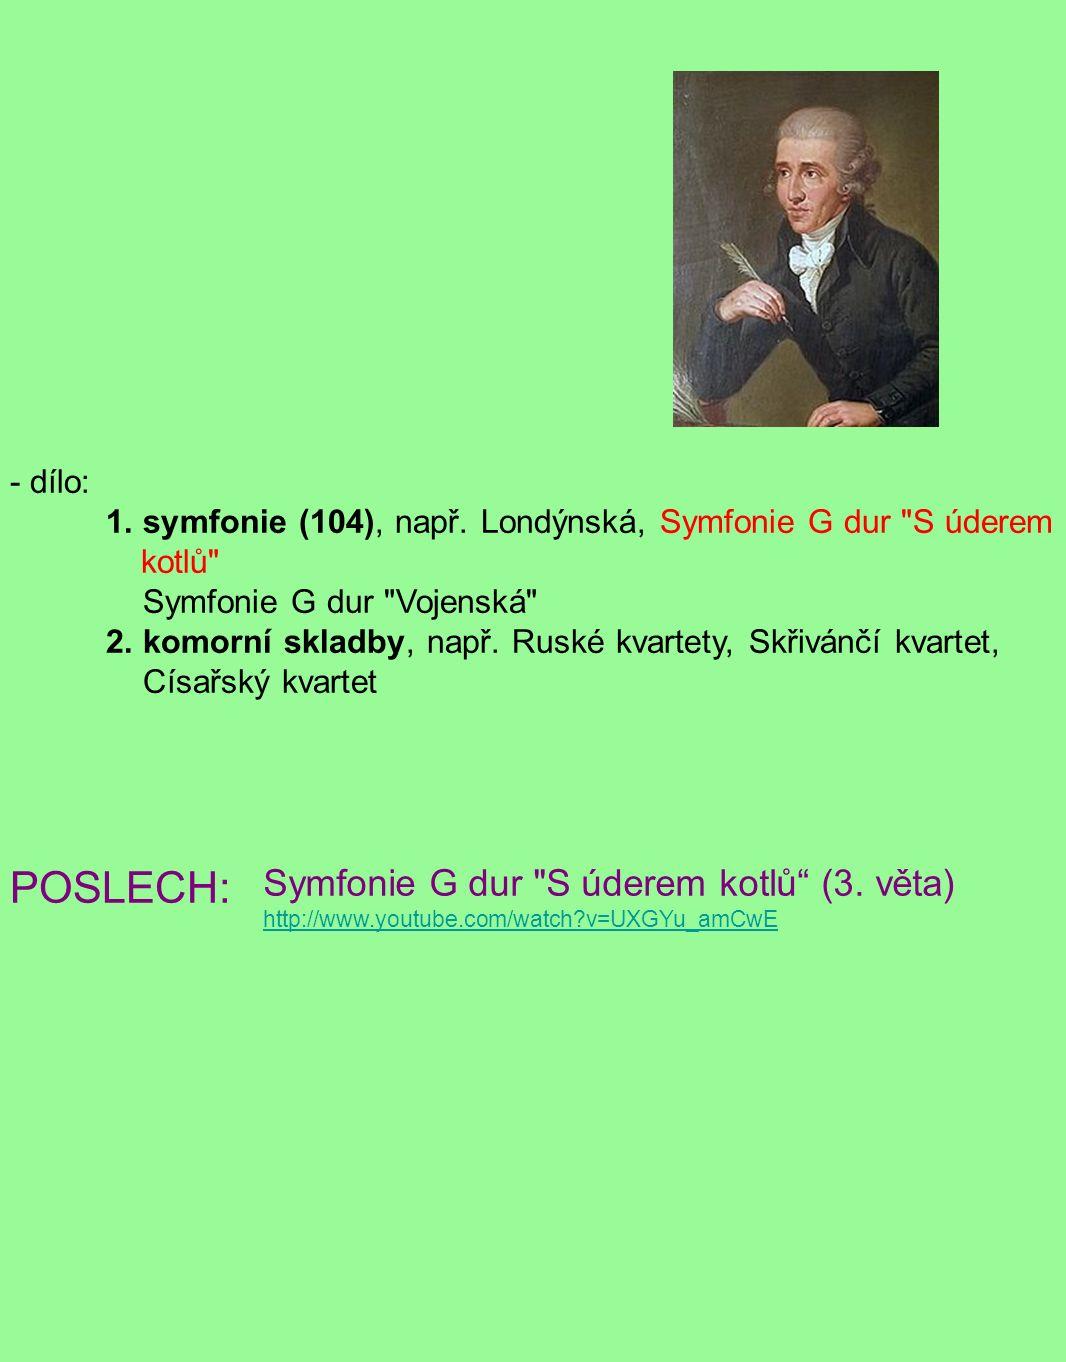 - dílo: 1. symfonie (104), např. Londýnská, Symfonie G dur